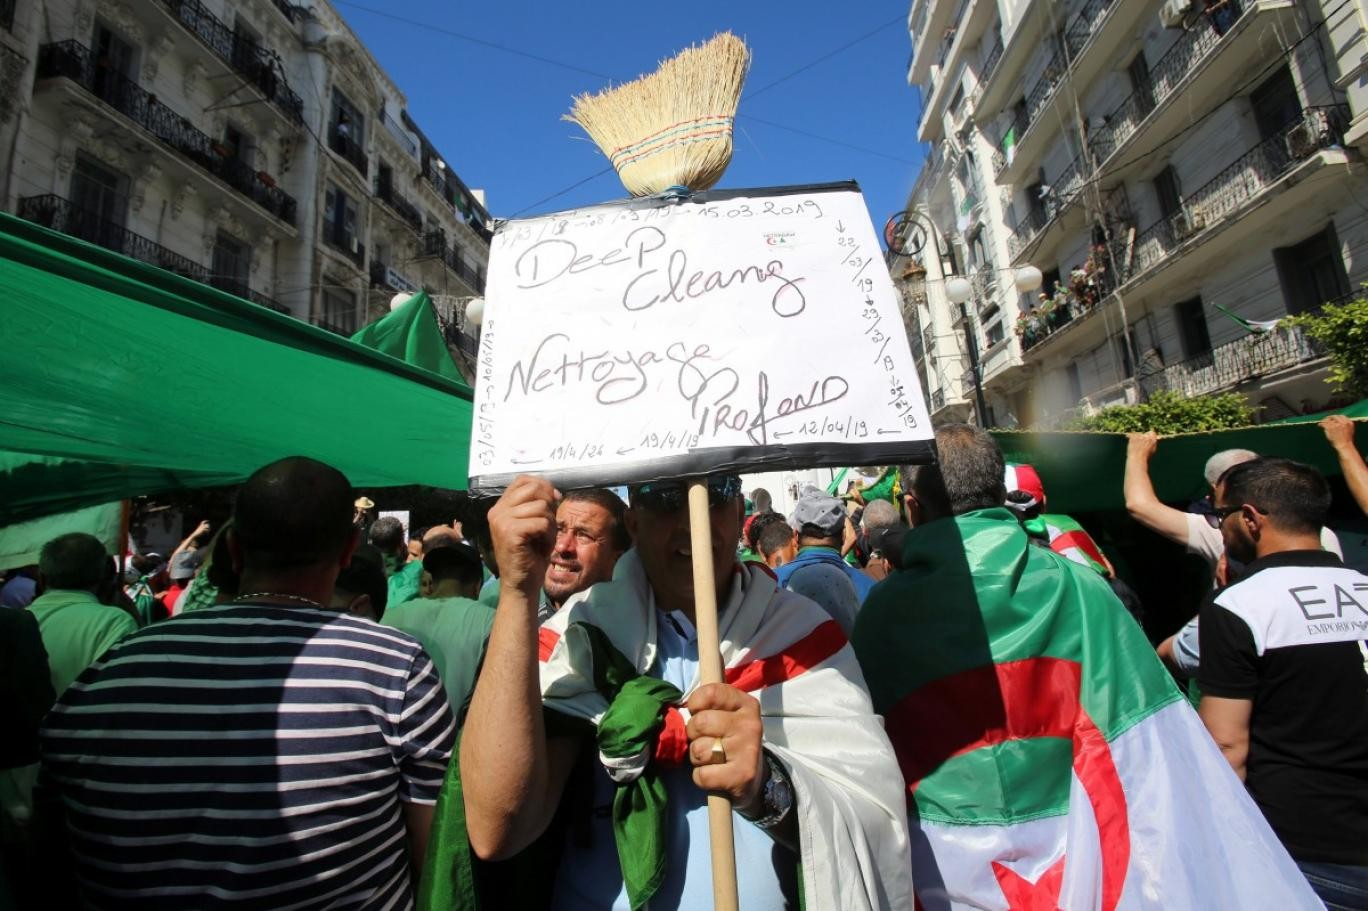 متظاهرون جزائريون في تظاهرة في 10 مايو (رويترز)